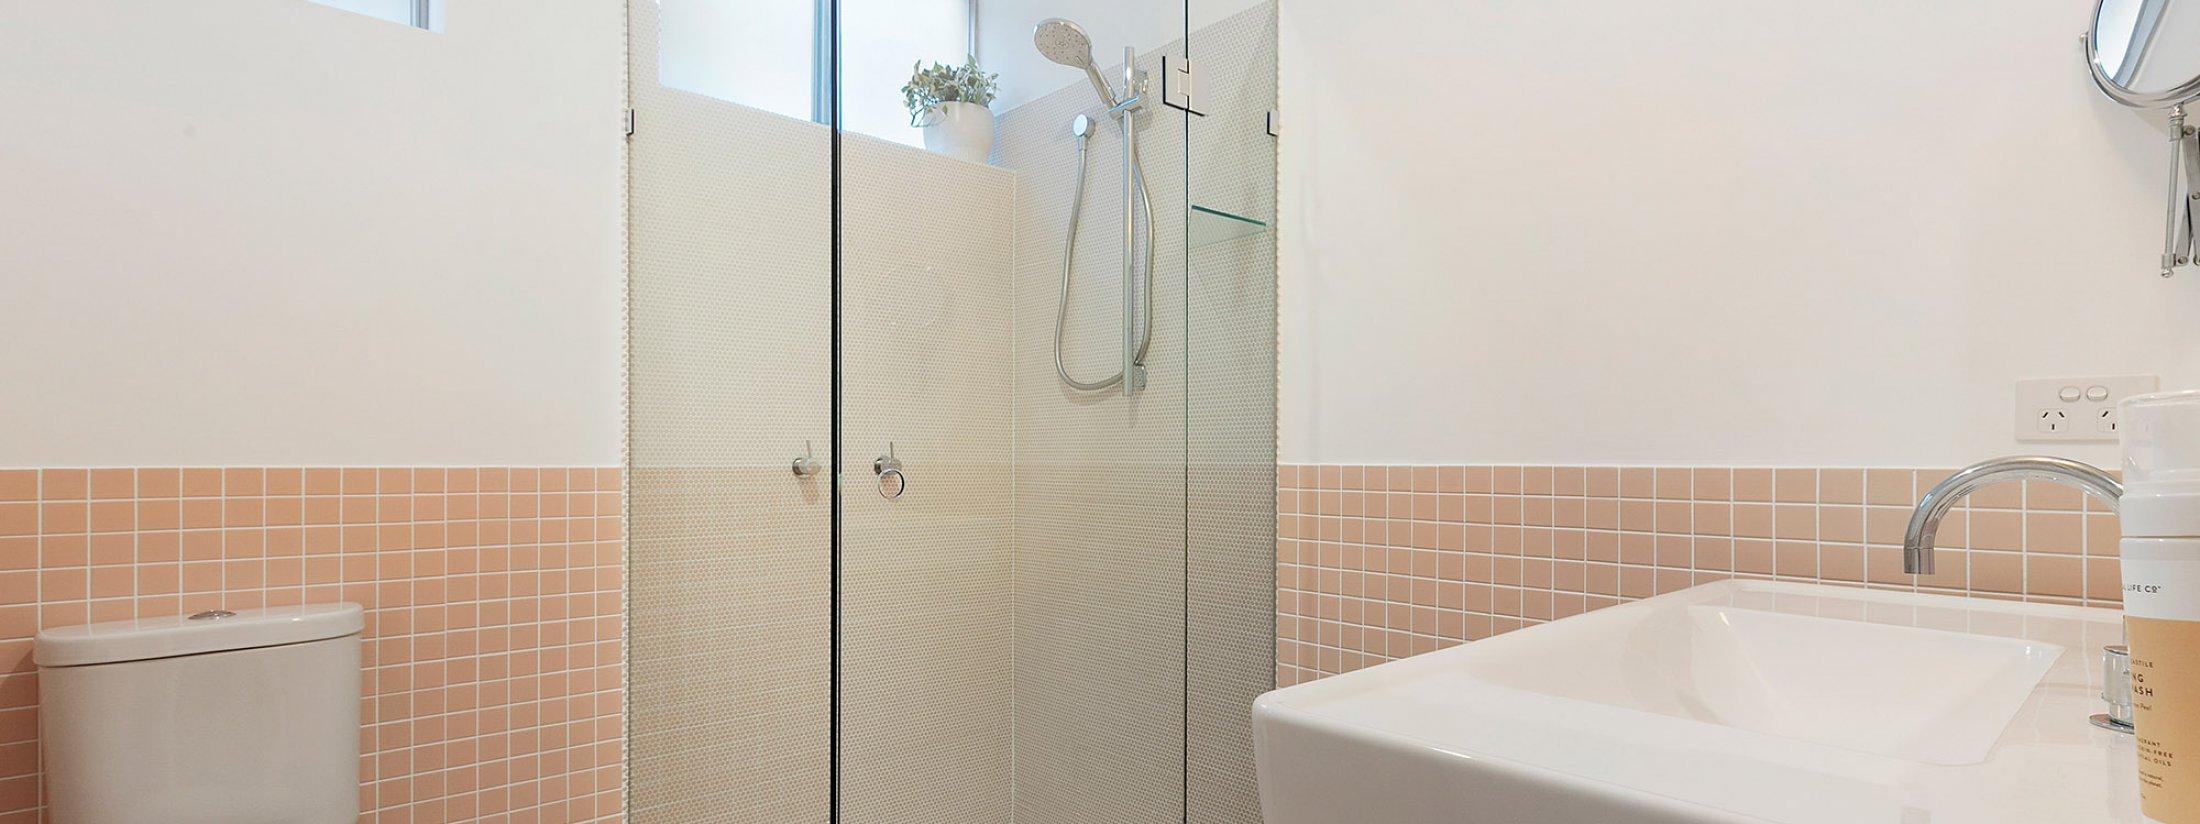 Sunset Beach - Surfside - Brunswick Heads - Bathroom